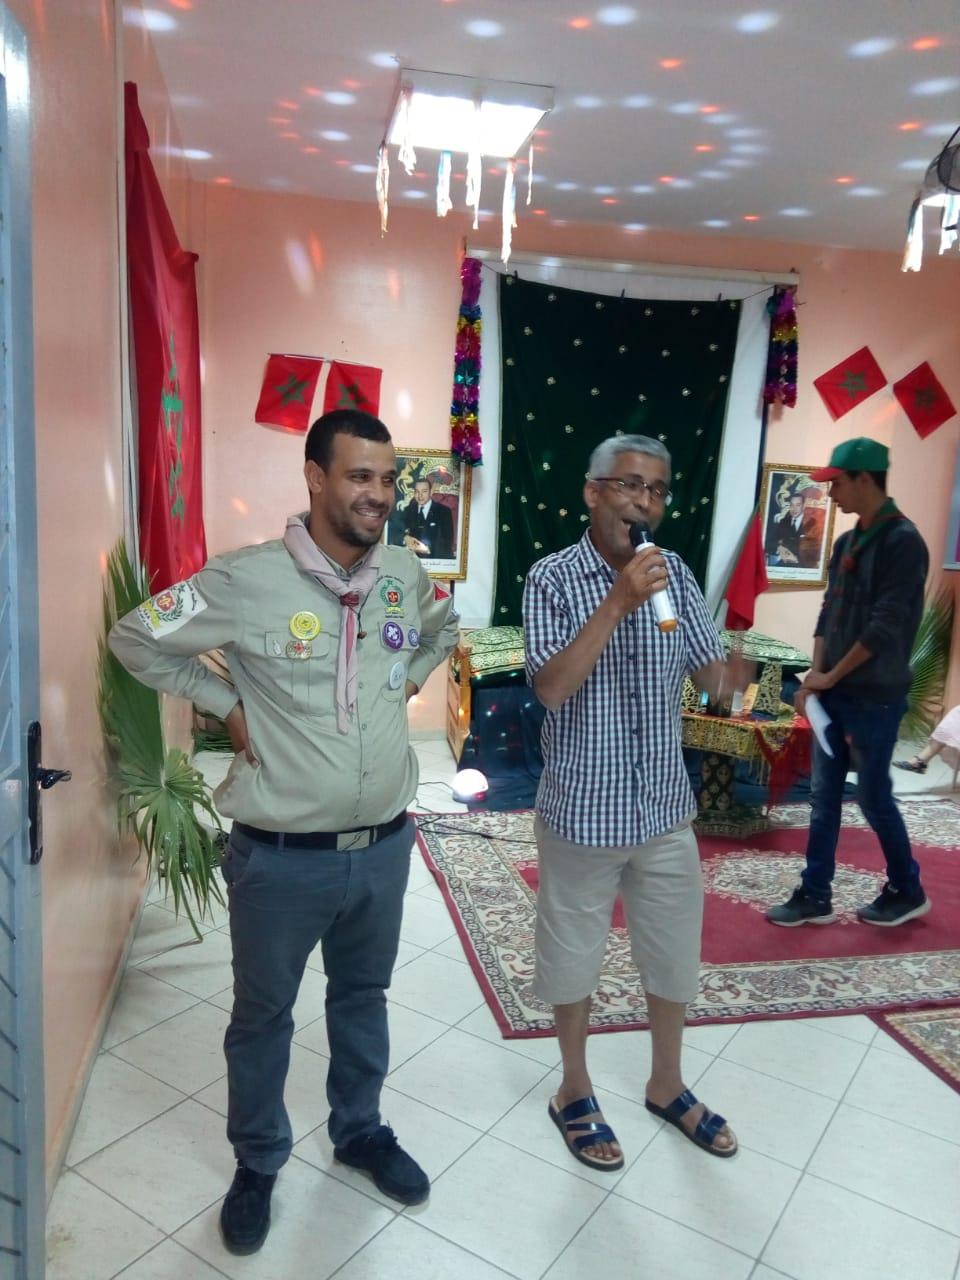 جمعيات بمراكش تحتفل مع الأطفال بمناسبة عيد الفطر